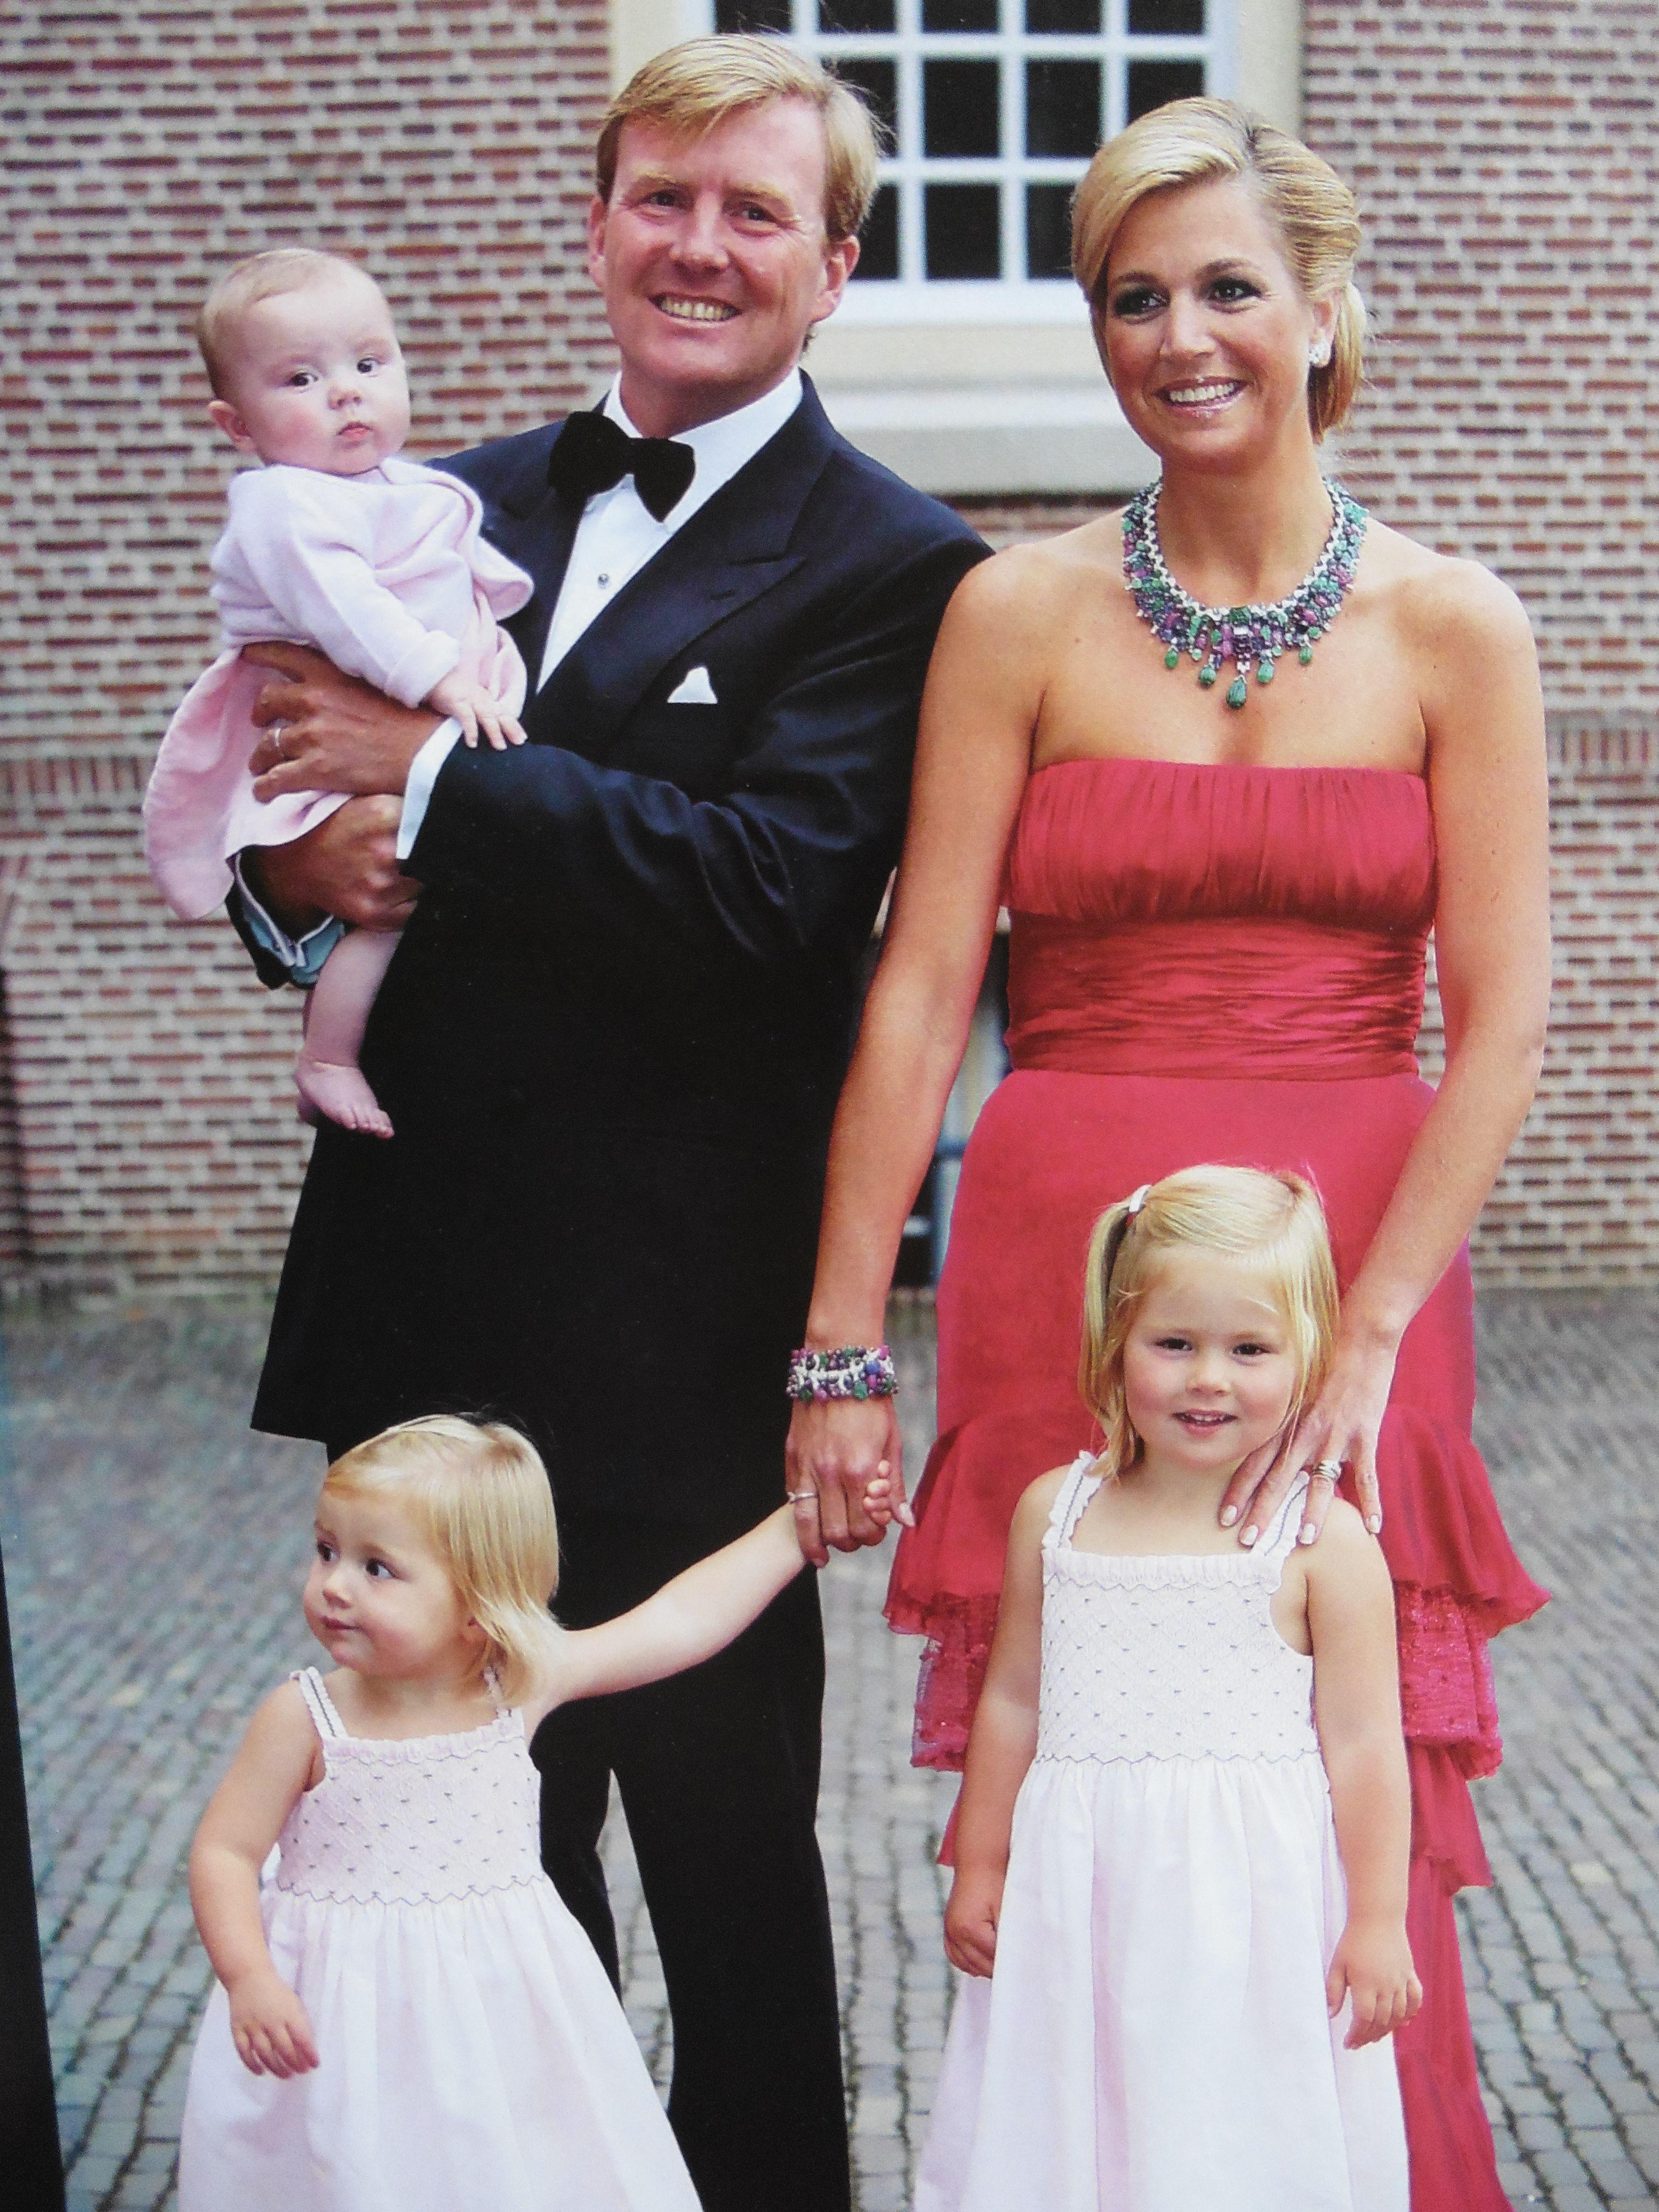 willem alexander 40 jaar WA 40 jaar   feest in Apeldoorn, later ivm geboorte Ariane  willem alexander 40 jaar